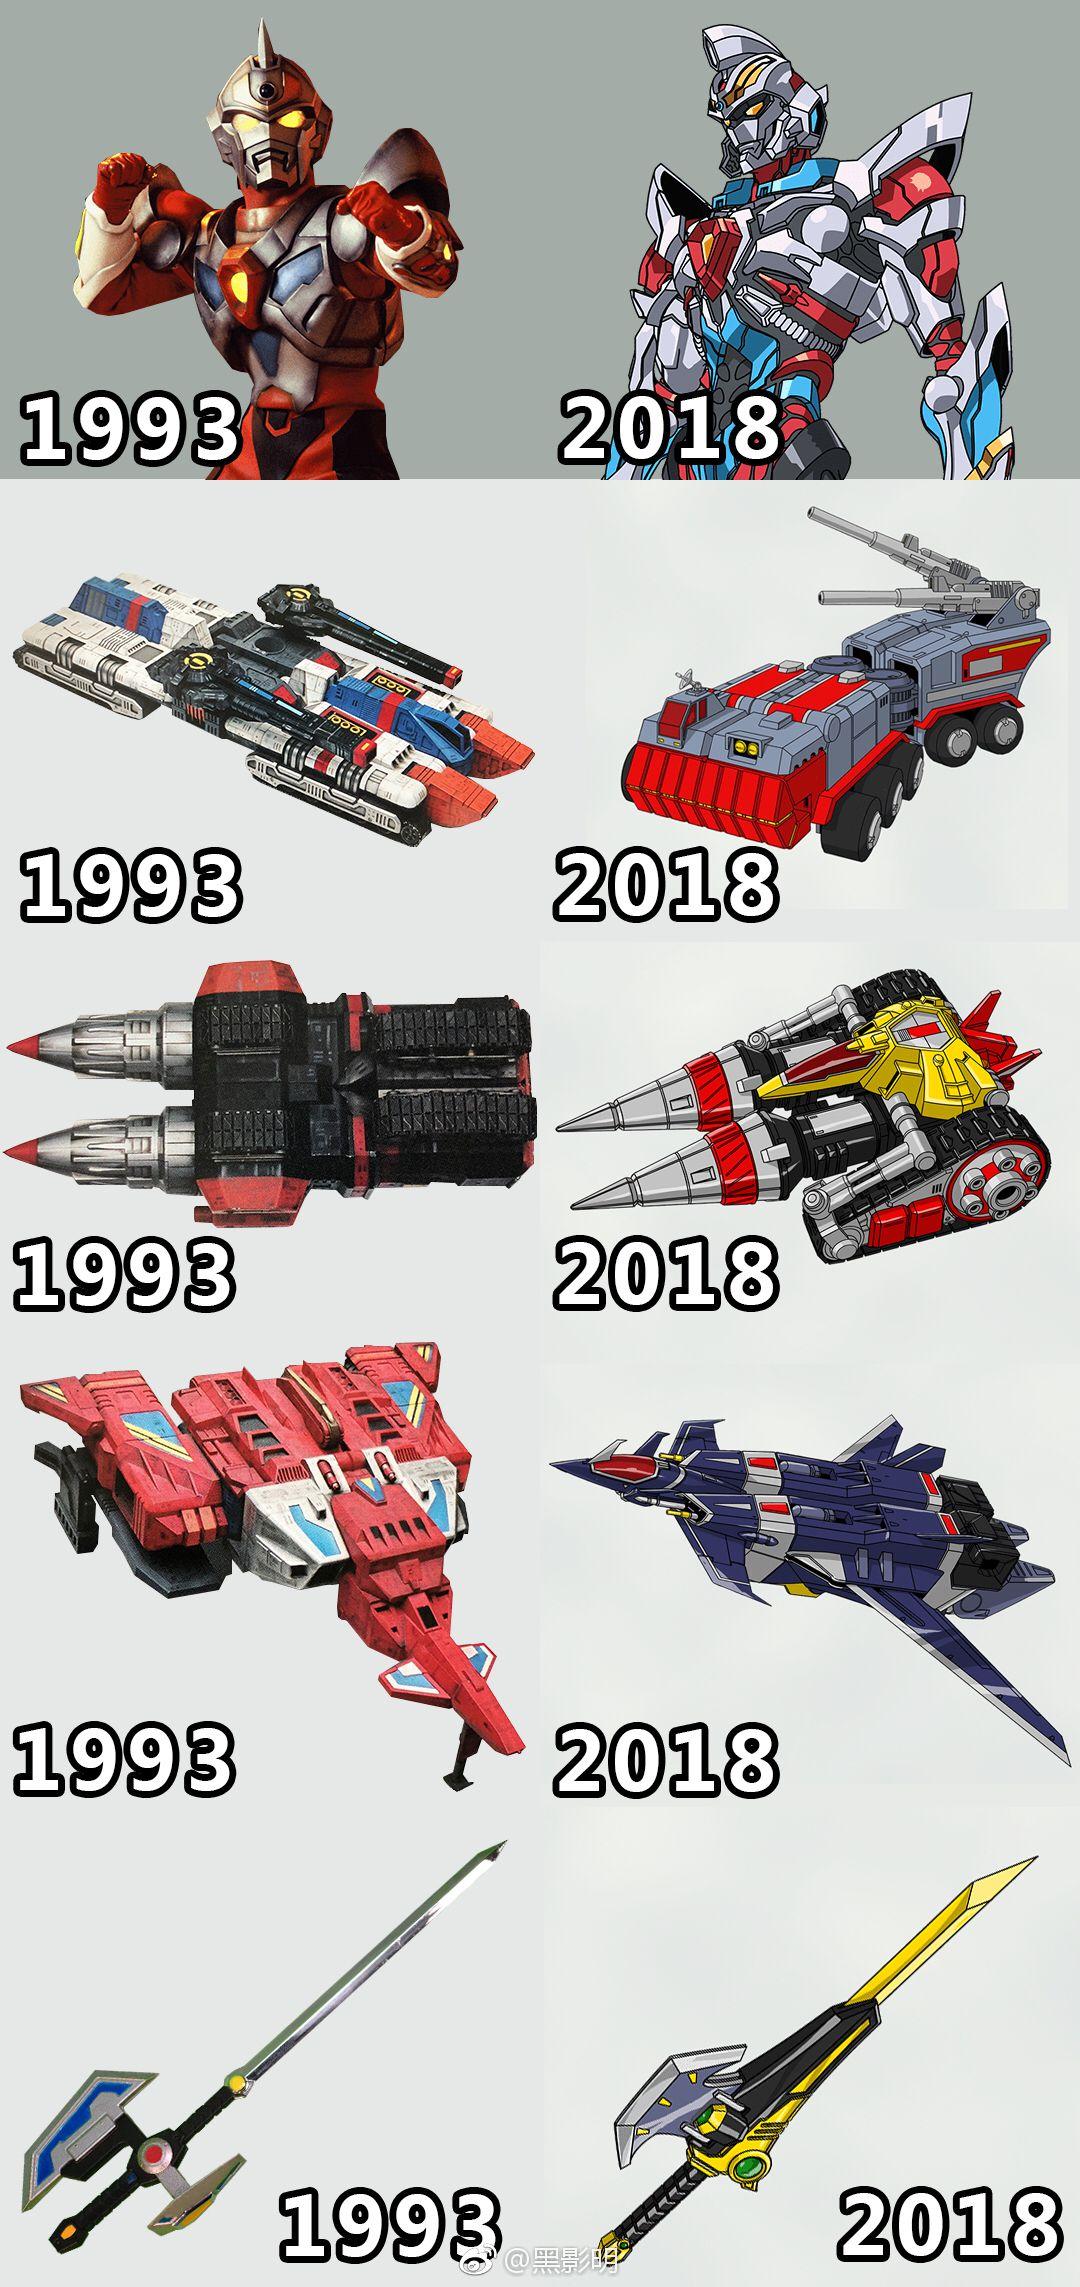 图16-18 与 1993 年原版真人版的对比